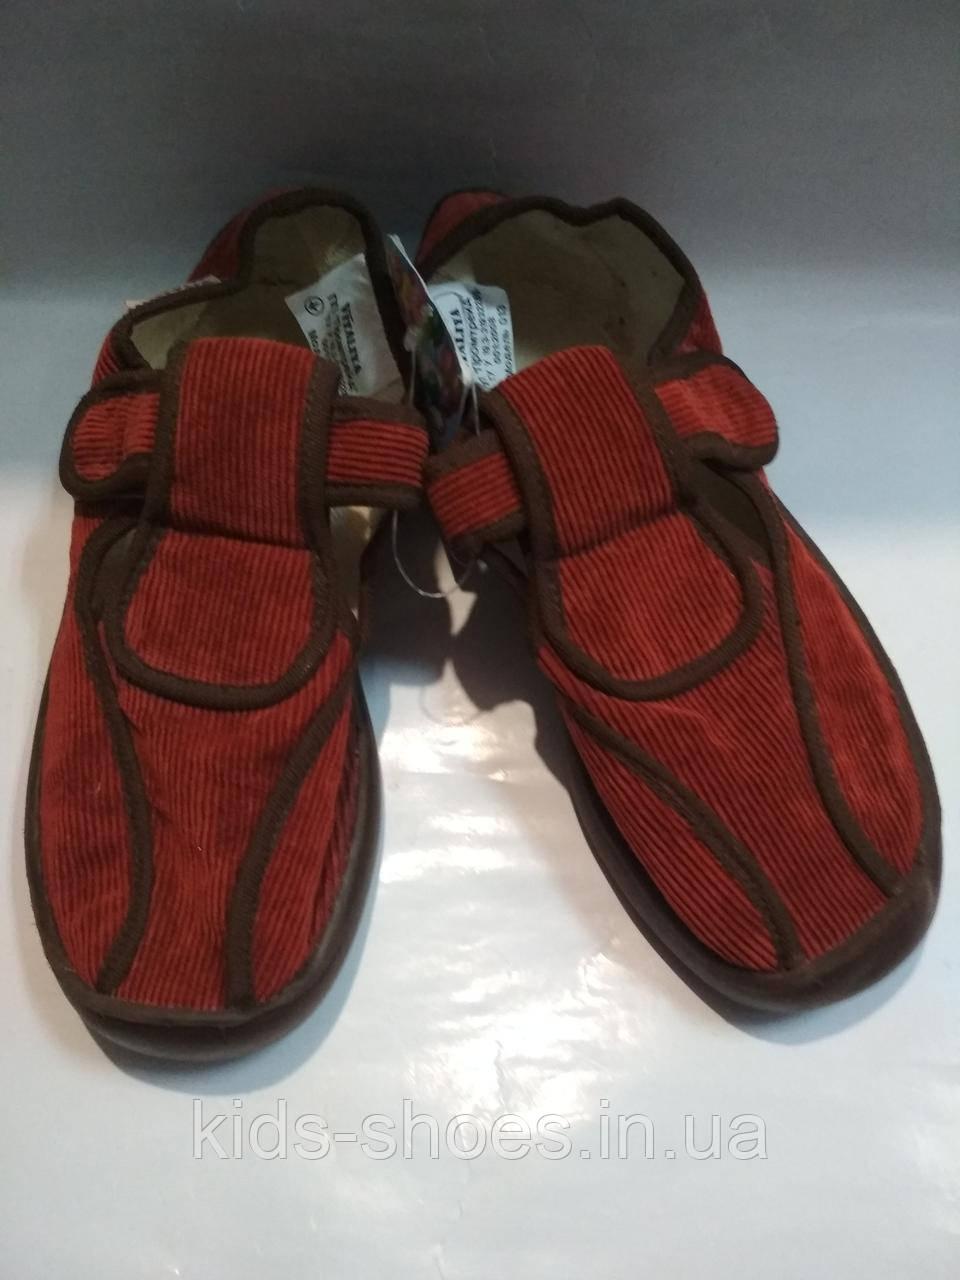 6626f2dbe6e0da Тапки Vitaliya 28.5,31.5 - Интернет-магазин «Kids-Shoes» в Харькове